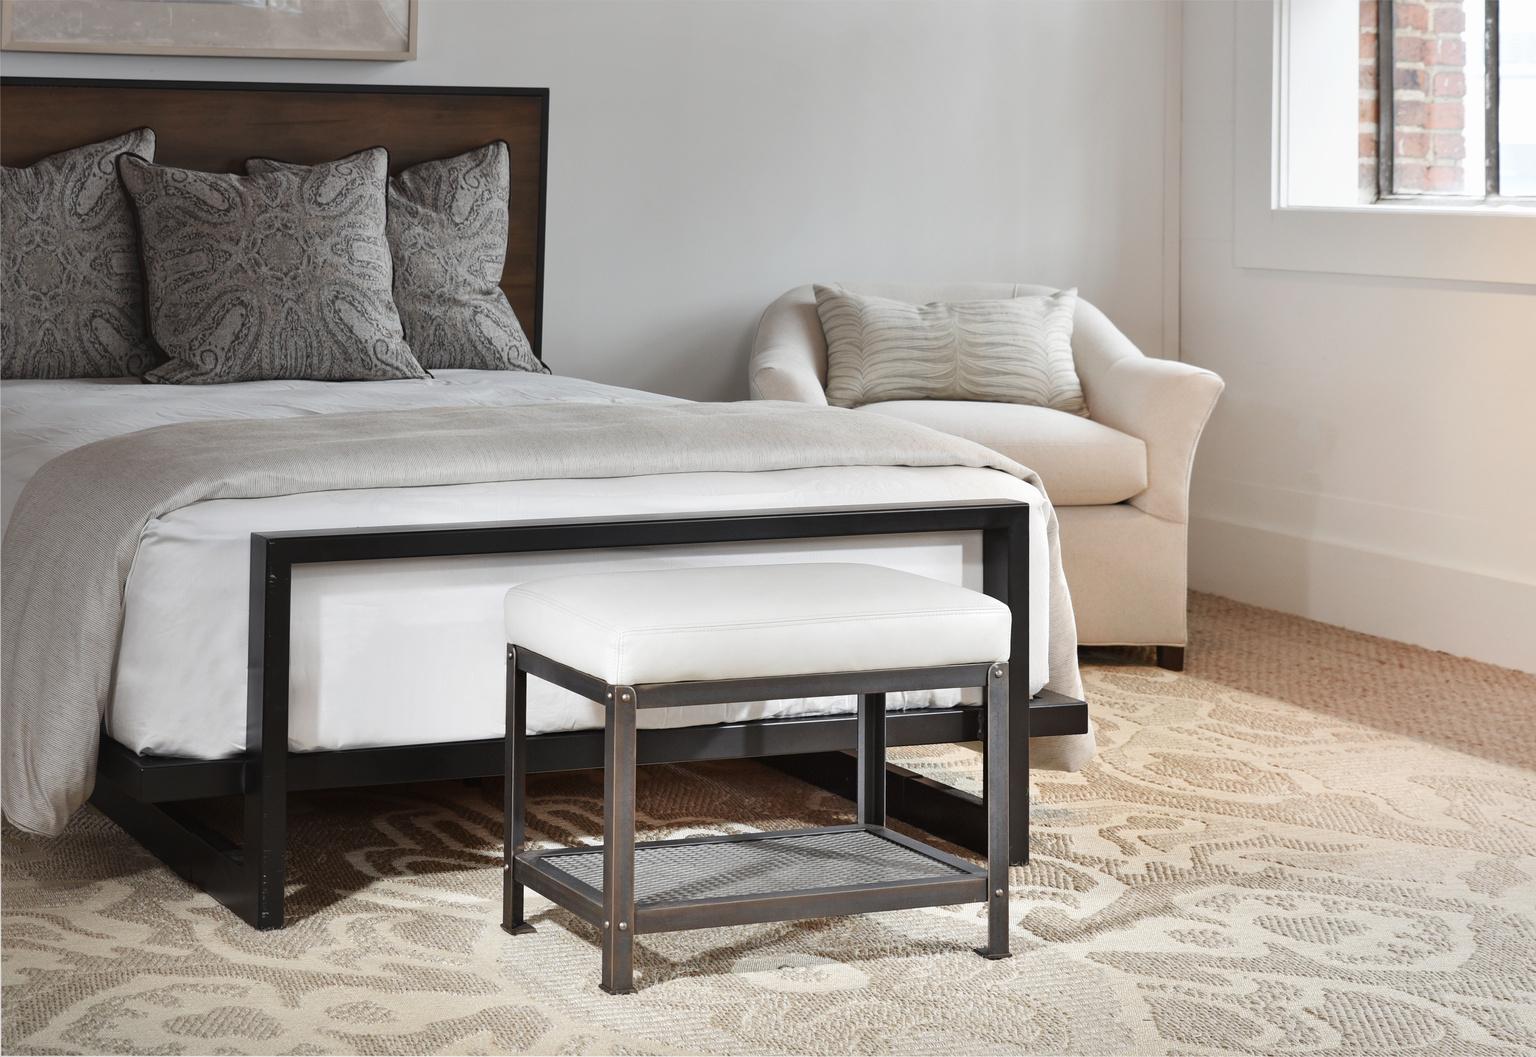 Bedroom Furnitures Supplier